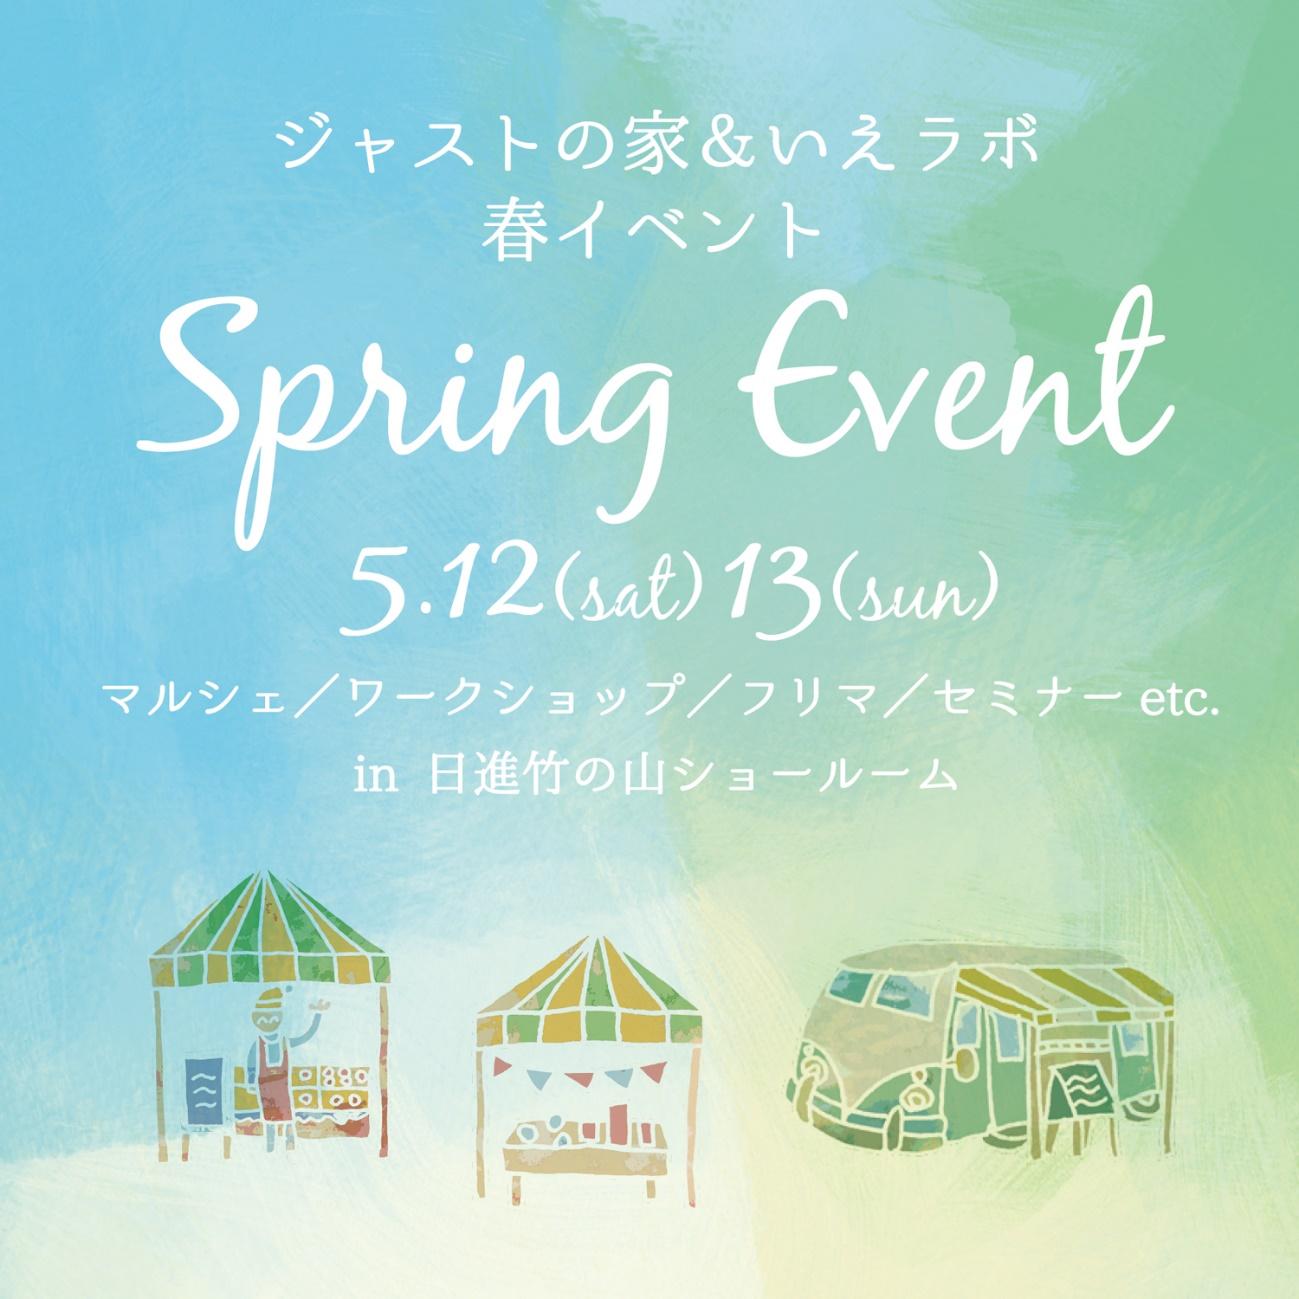 春イベント開催決定。